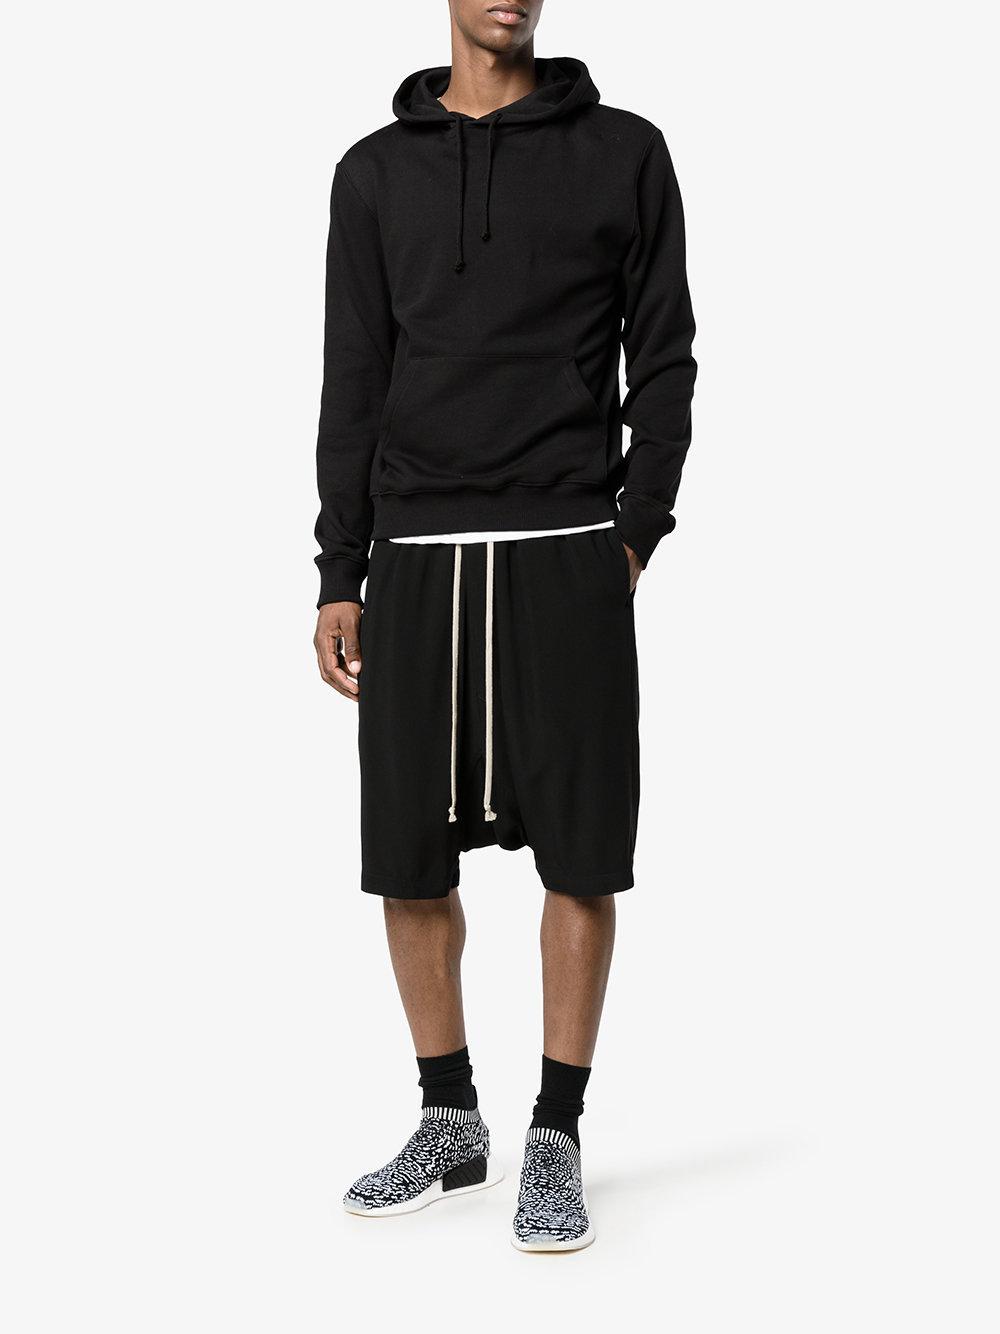 3ba57635d6ba ... adidas Originals Nmd Cs2 Primeknit Sneakers ...